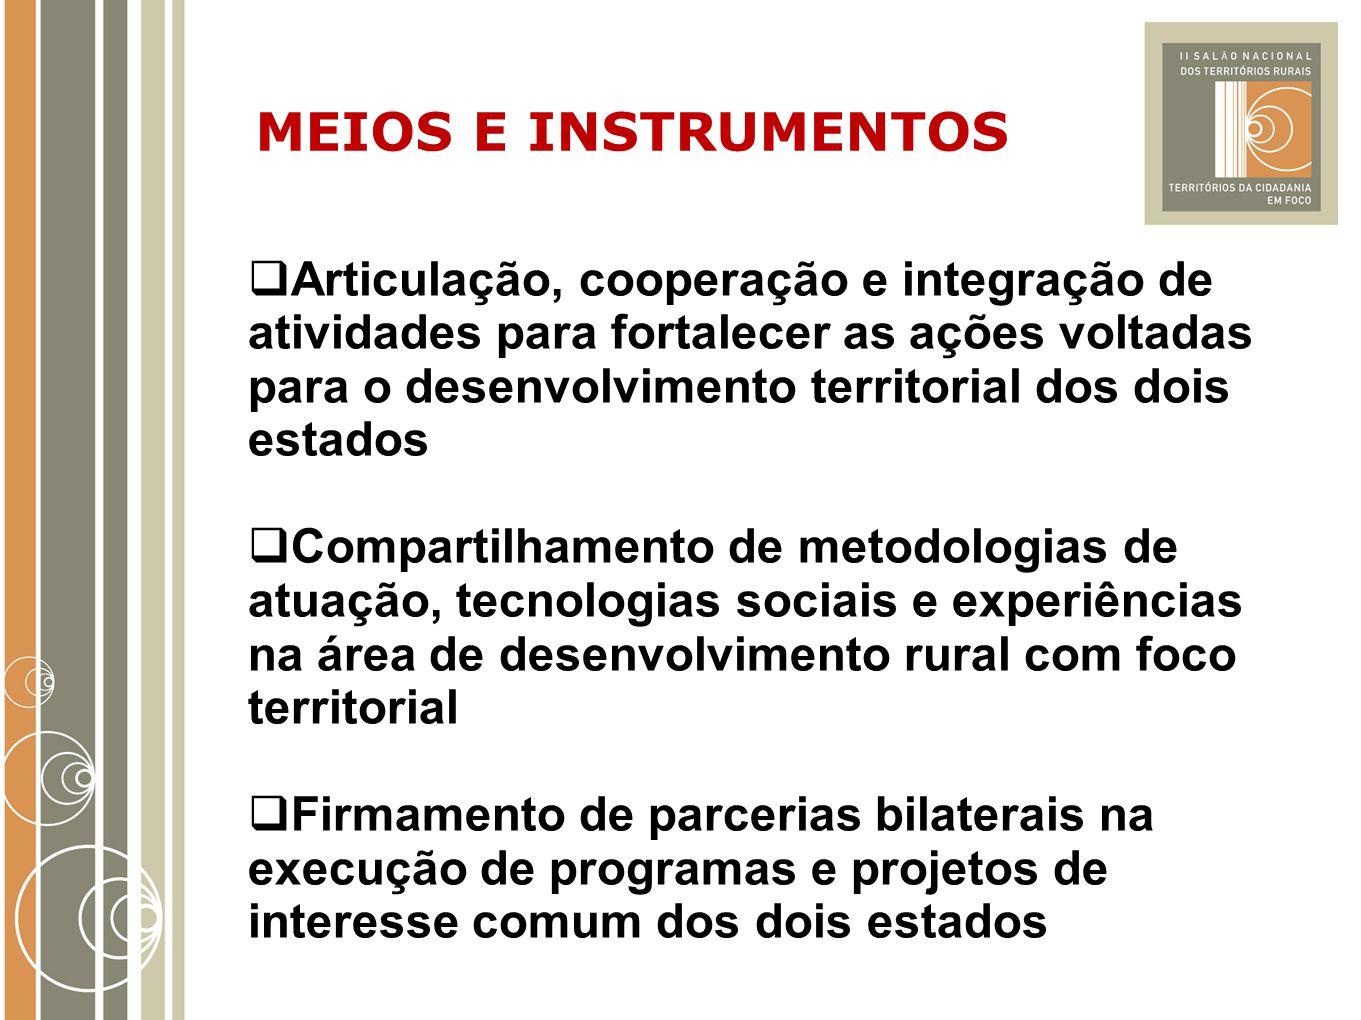 MEIOS E INSTRUMENTOS